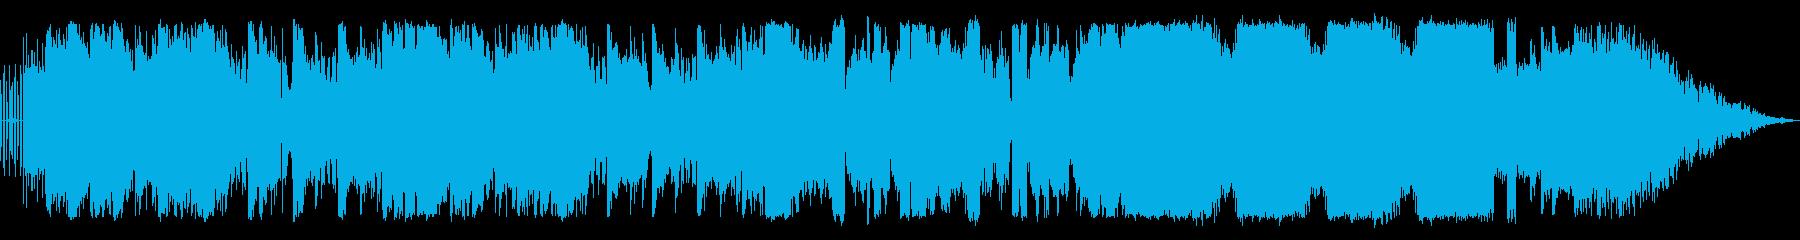 インパクトある音源です。ダブスッテプ・…の再生済みの波形